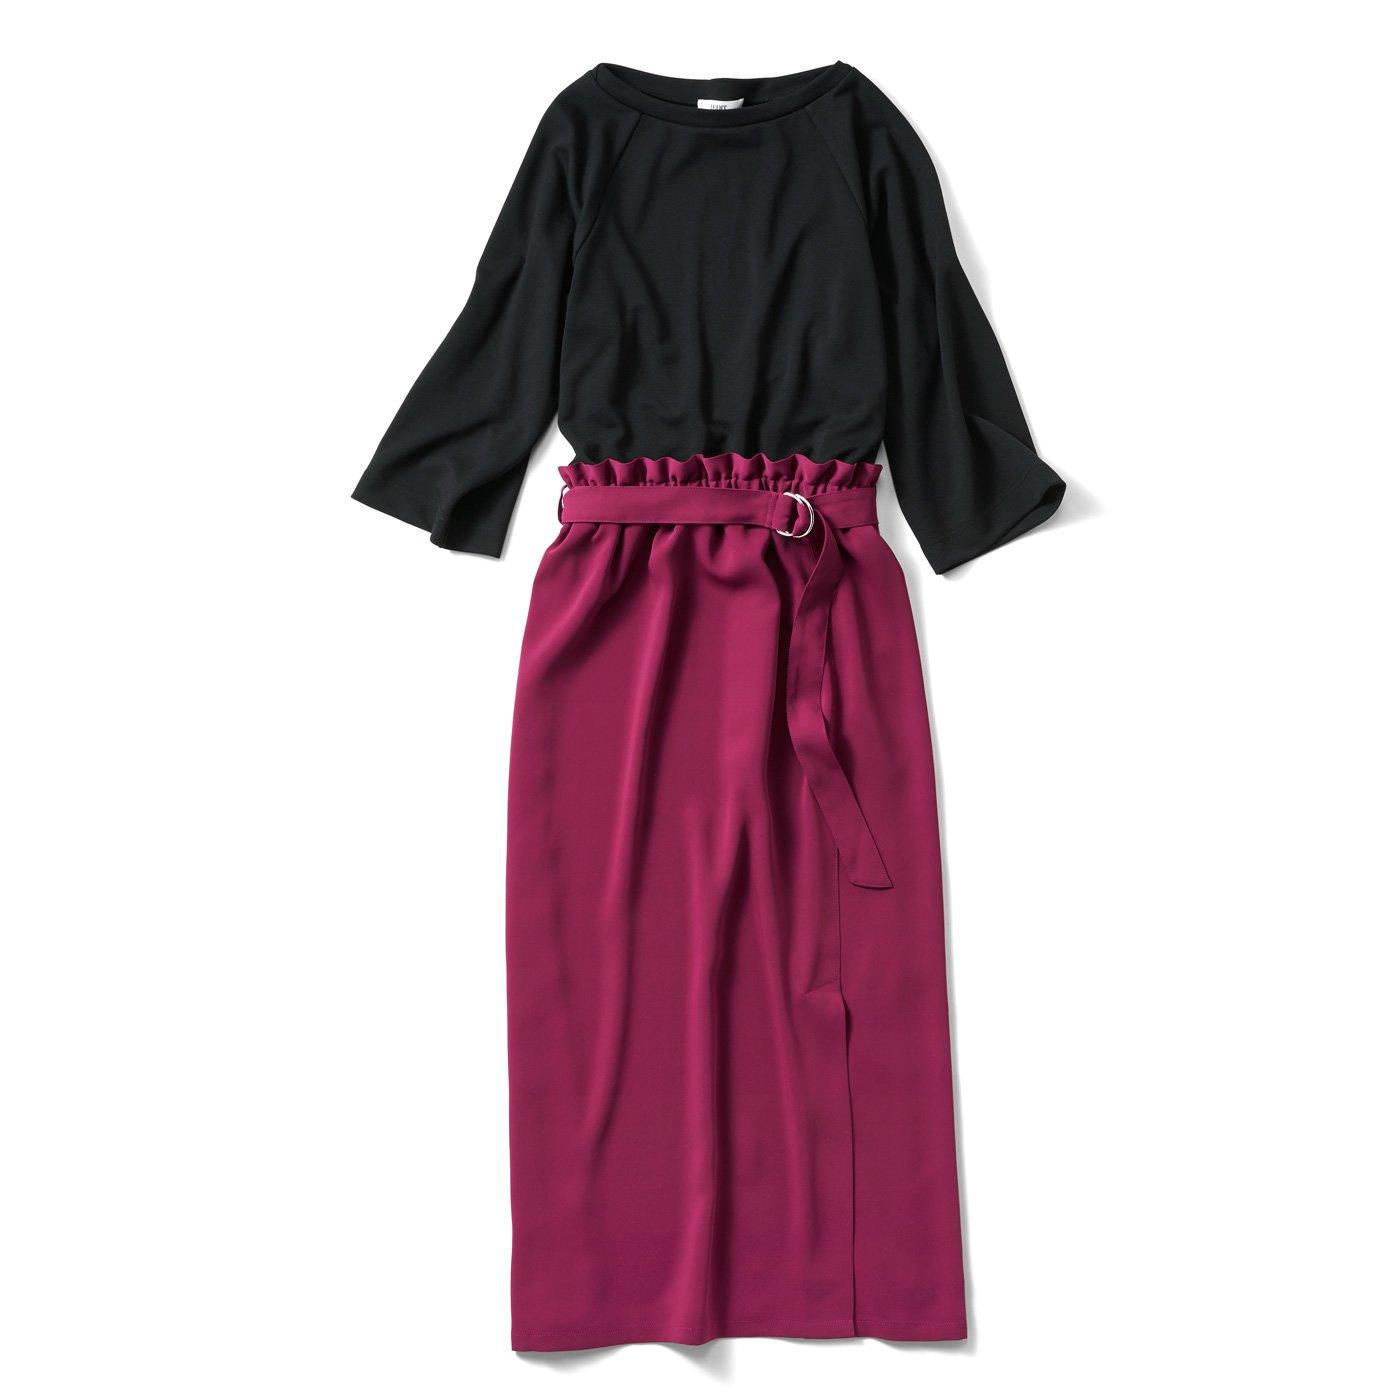 IEDIT カラースカートドッキングのロングワンピース〈ブラック×ローズピンク〉